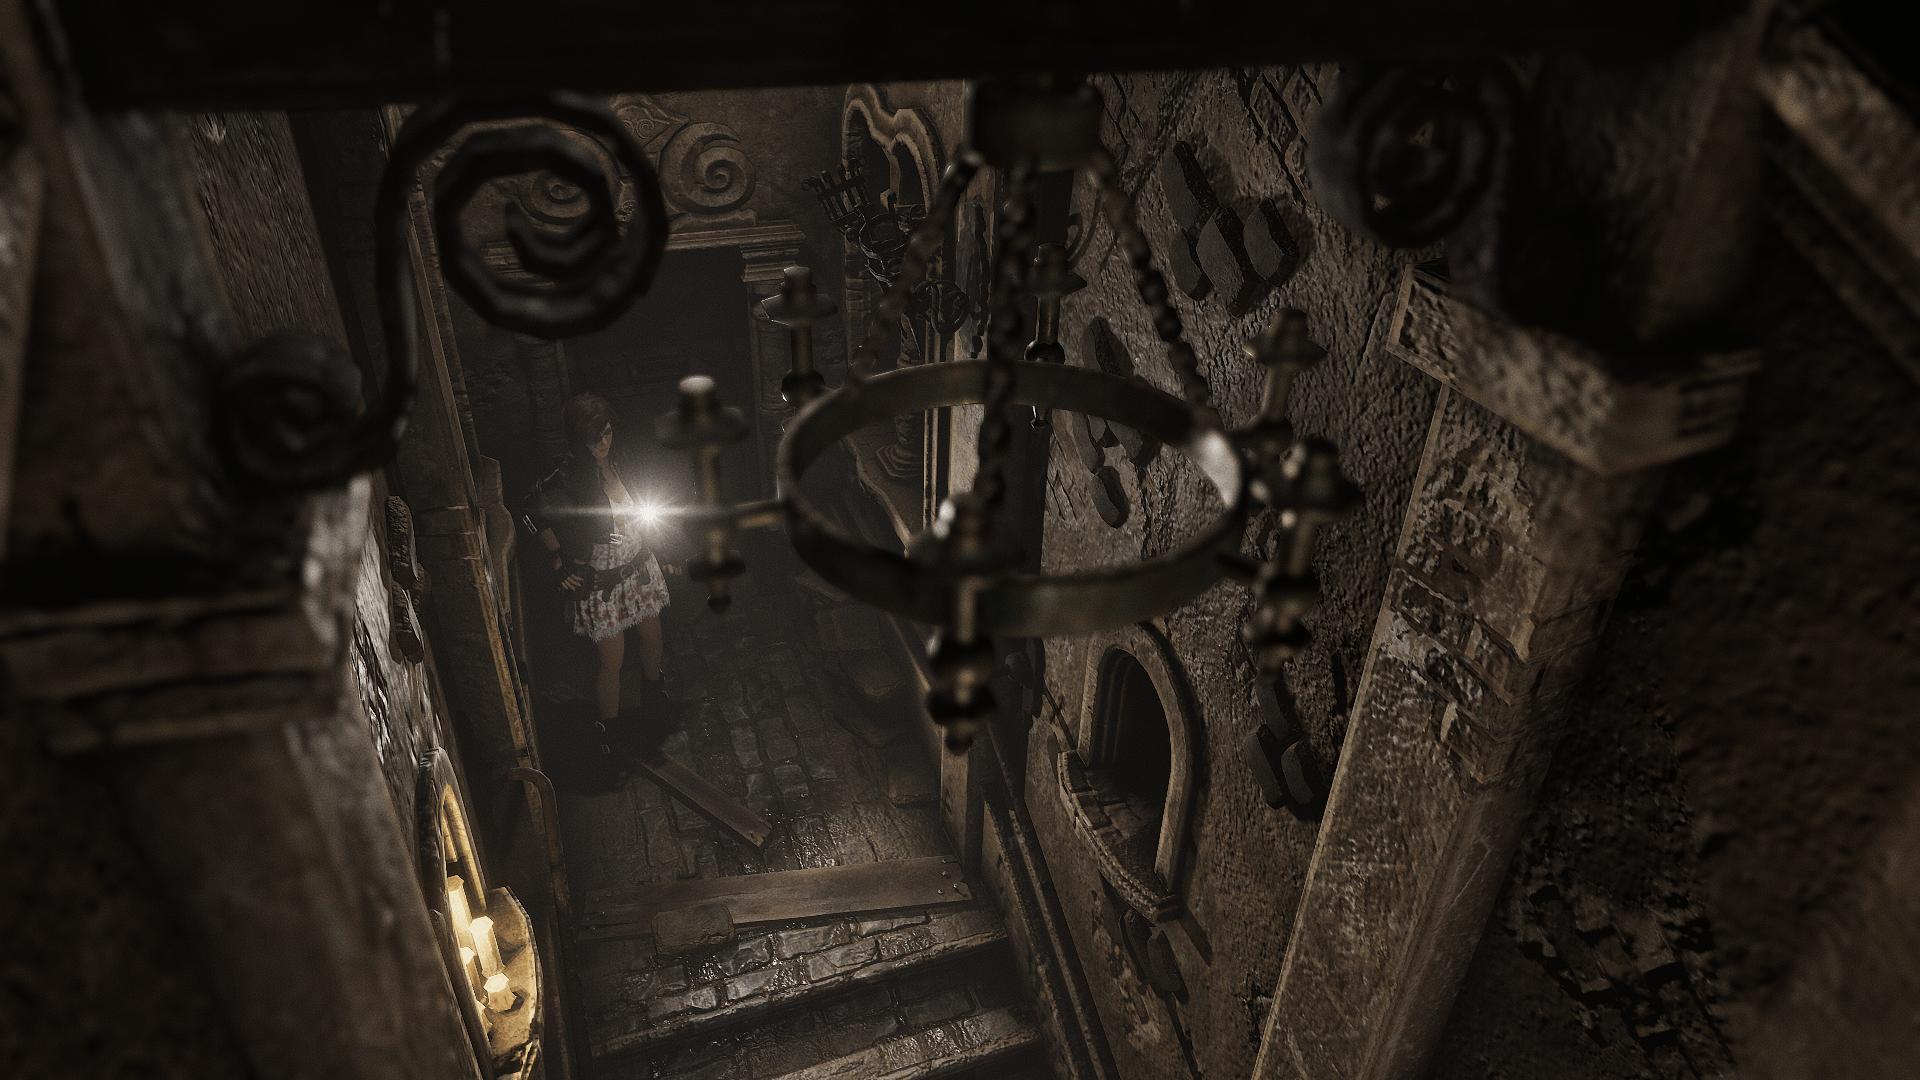 В Чили создают свой аналог Resident Evil и Silent Hill - Tormented Souls